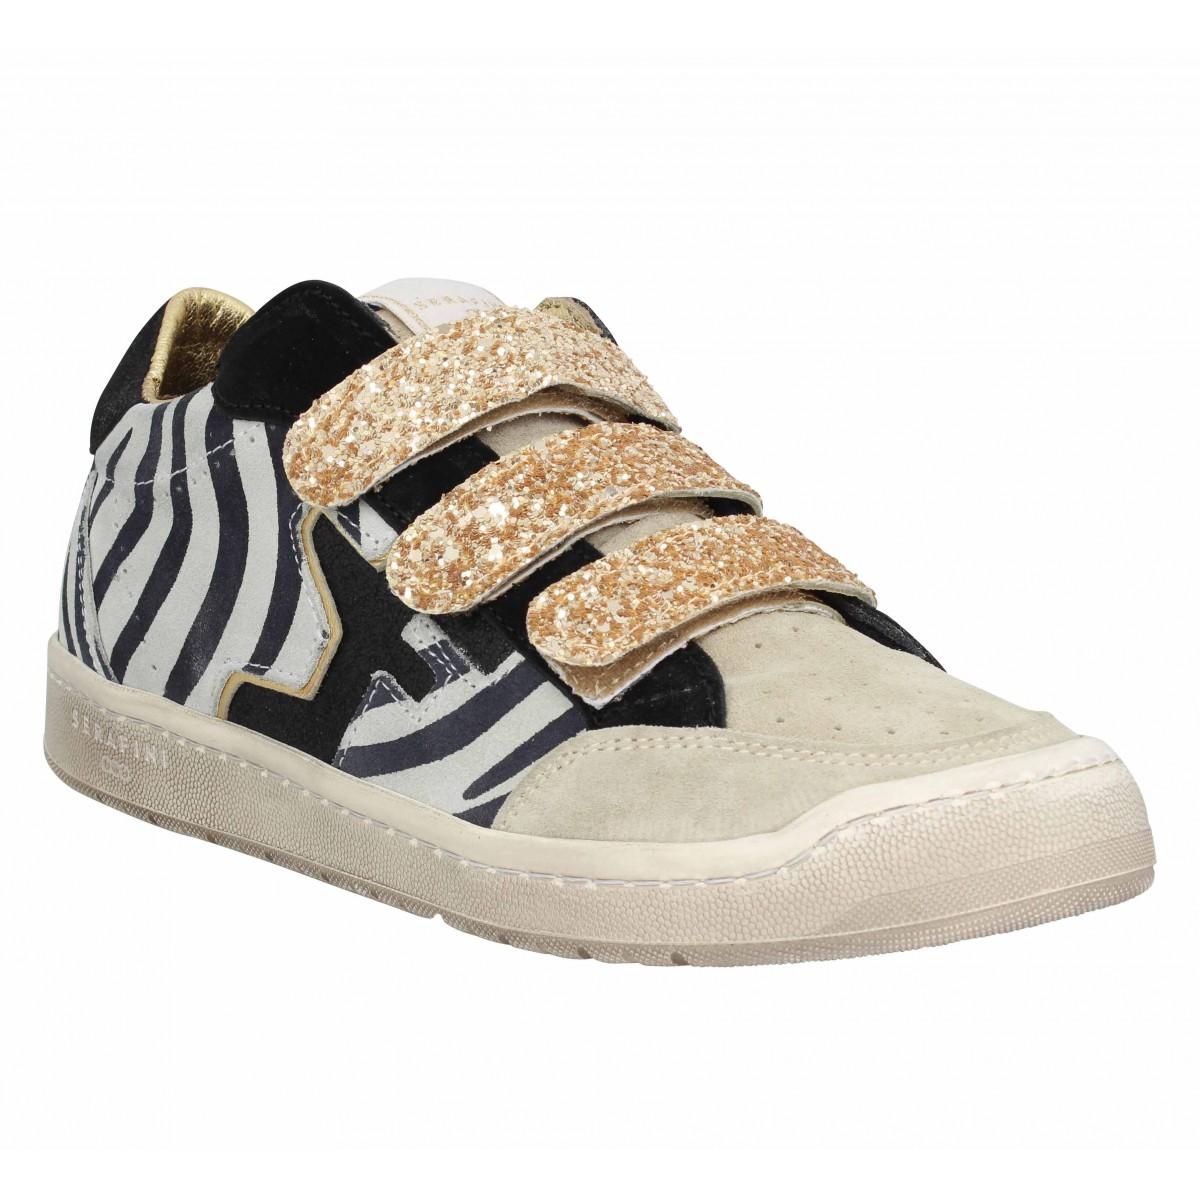 Baskets SERAFINI San Diego Low cuir Femme Zebra